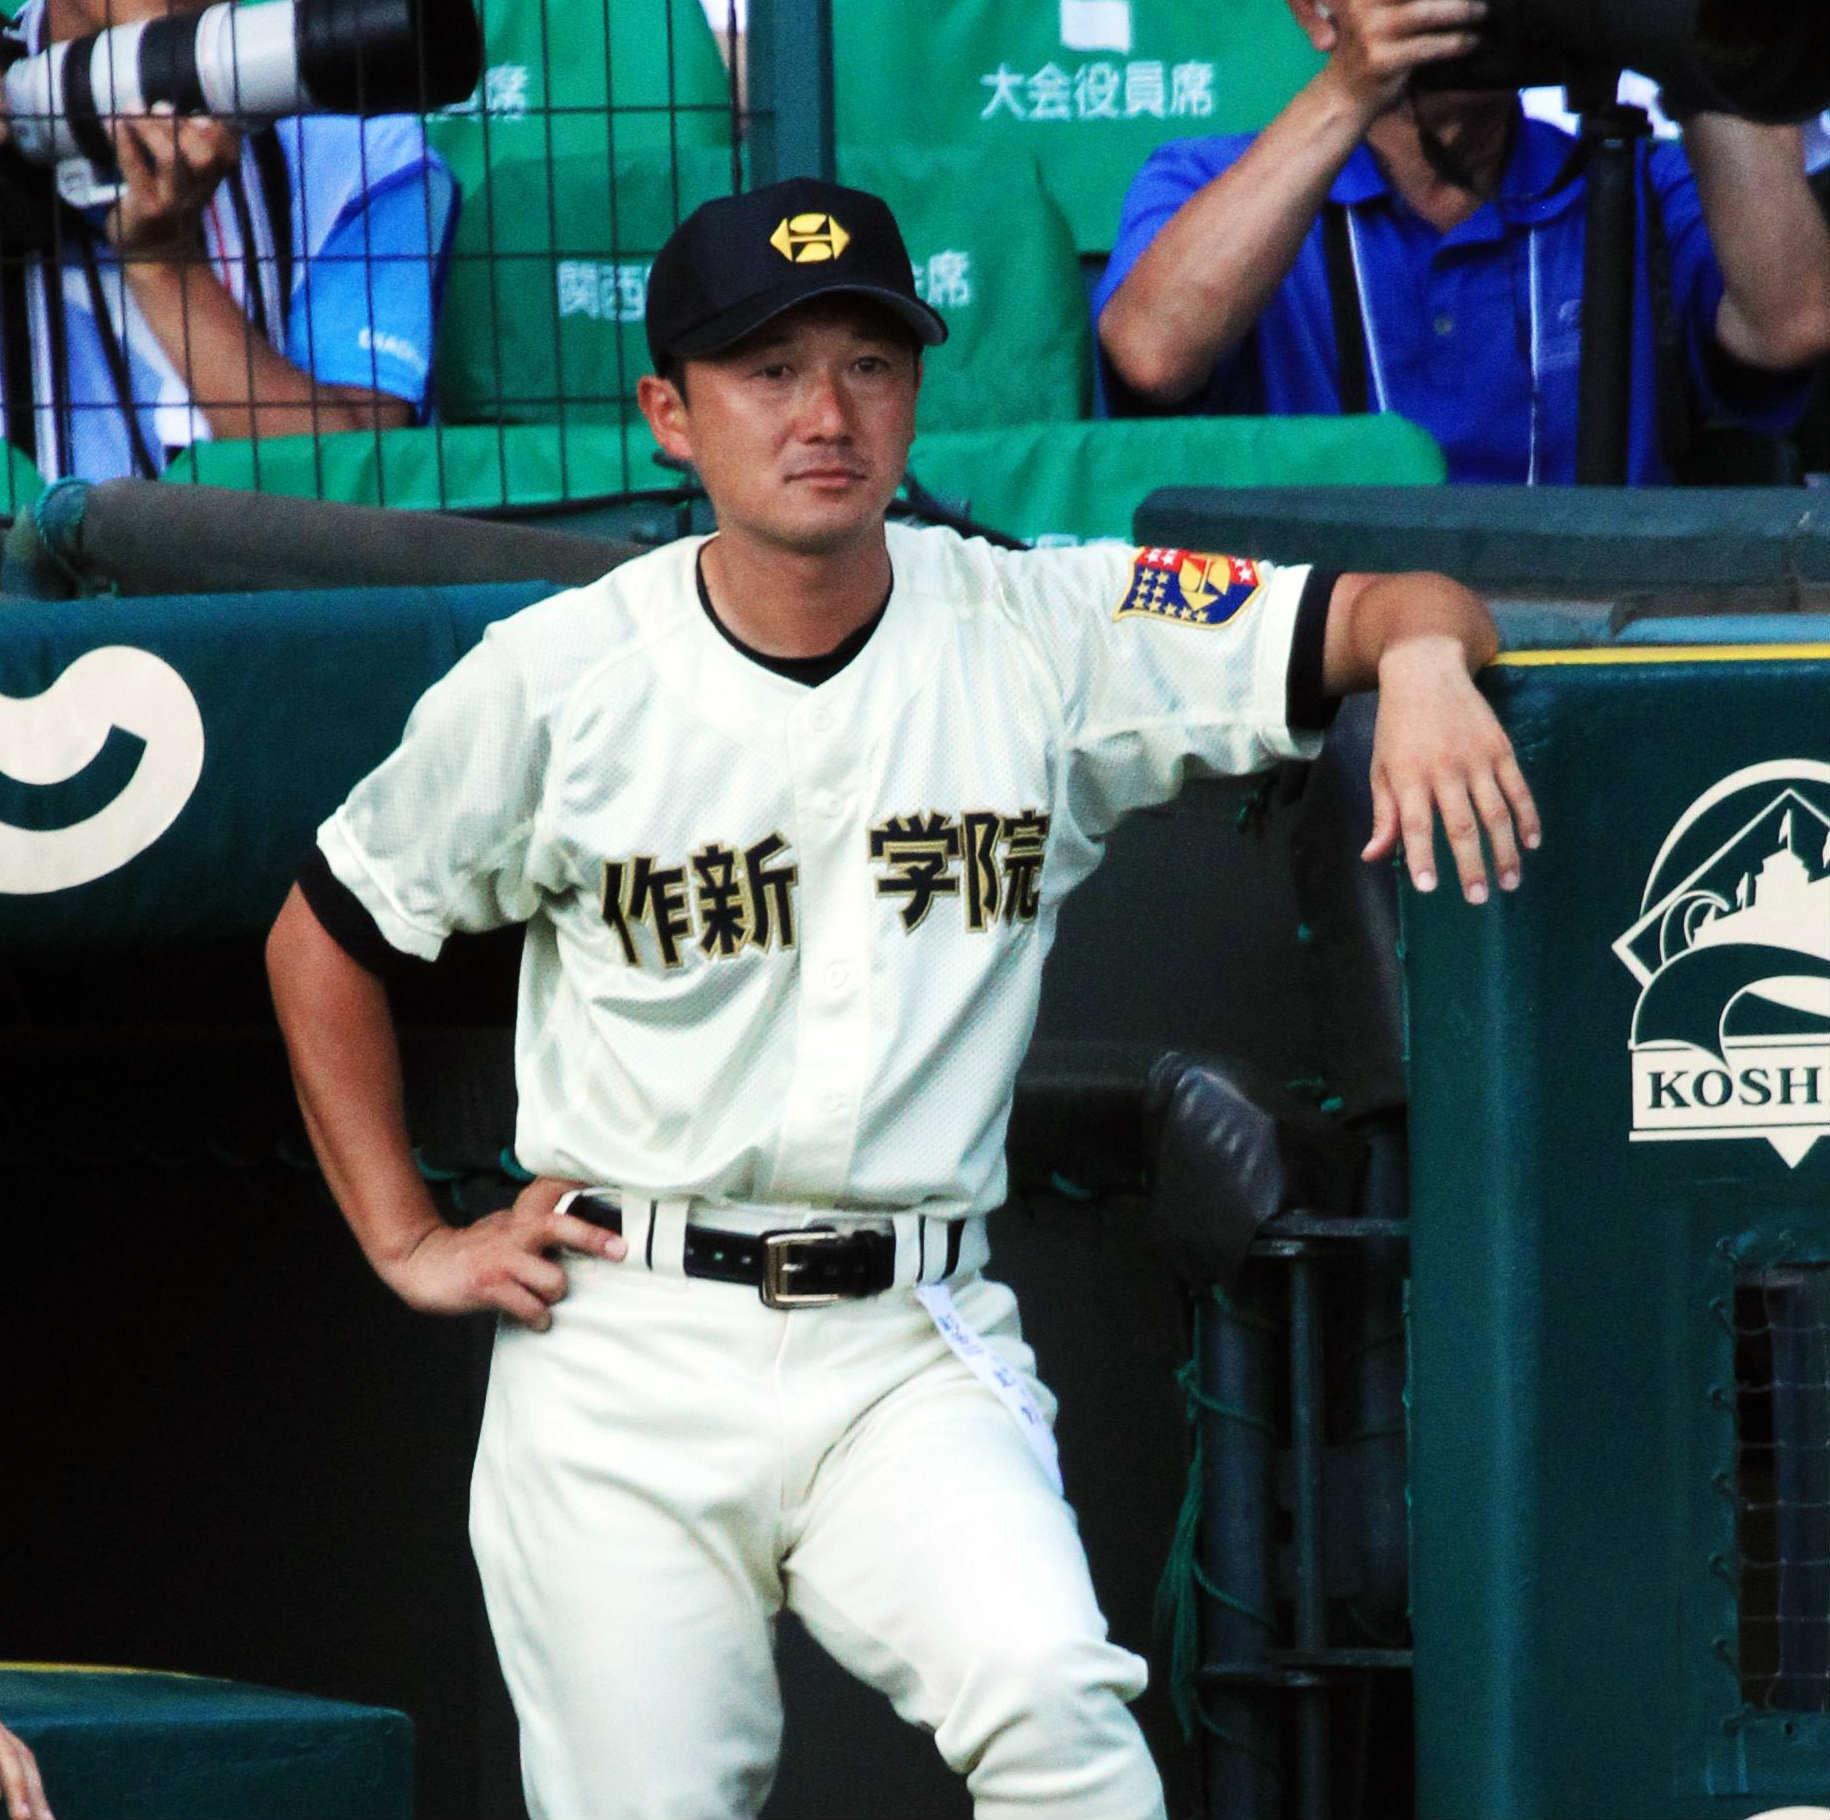 【高校野球取材秘話】33歳で甲子園優勝。作新・指揮官の熱さが心を揺さぶる